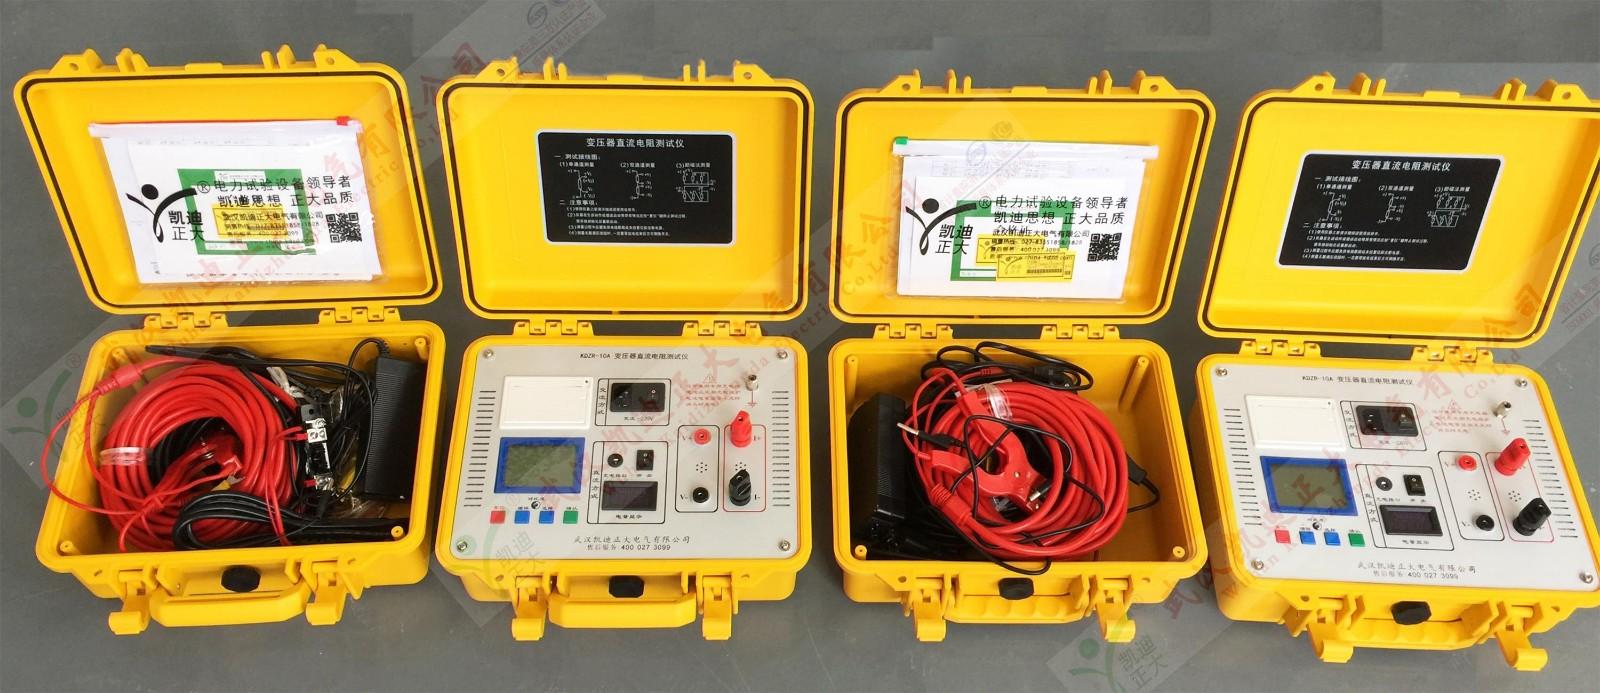 直流电阻的测量仪是变压器,互感器,电抗器,电磁操作机构等感性线圈